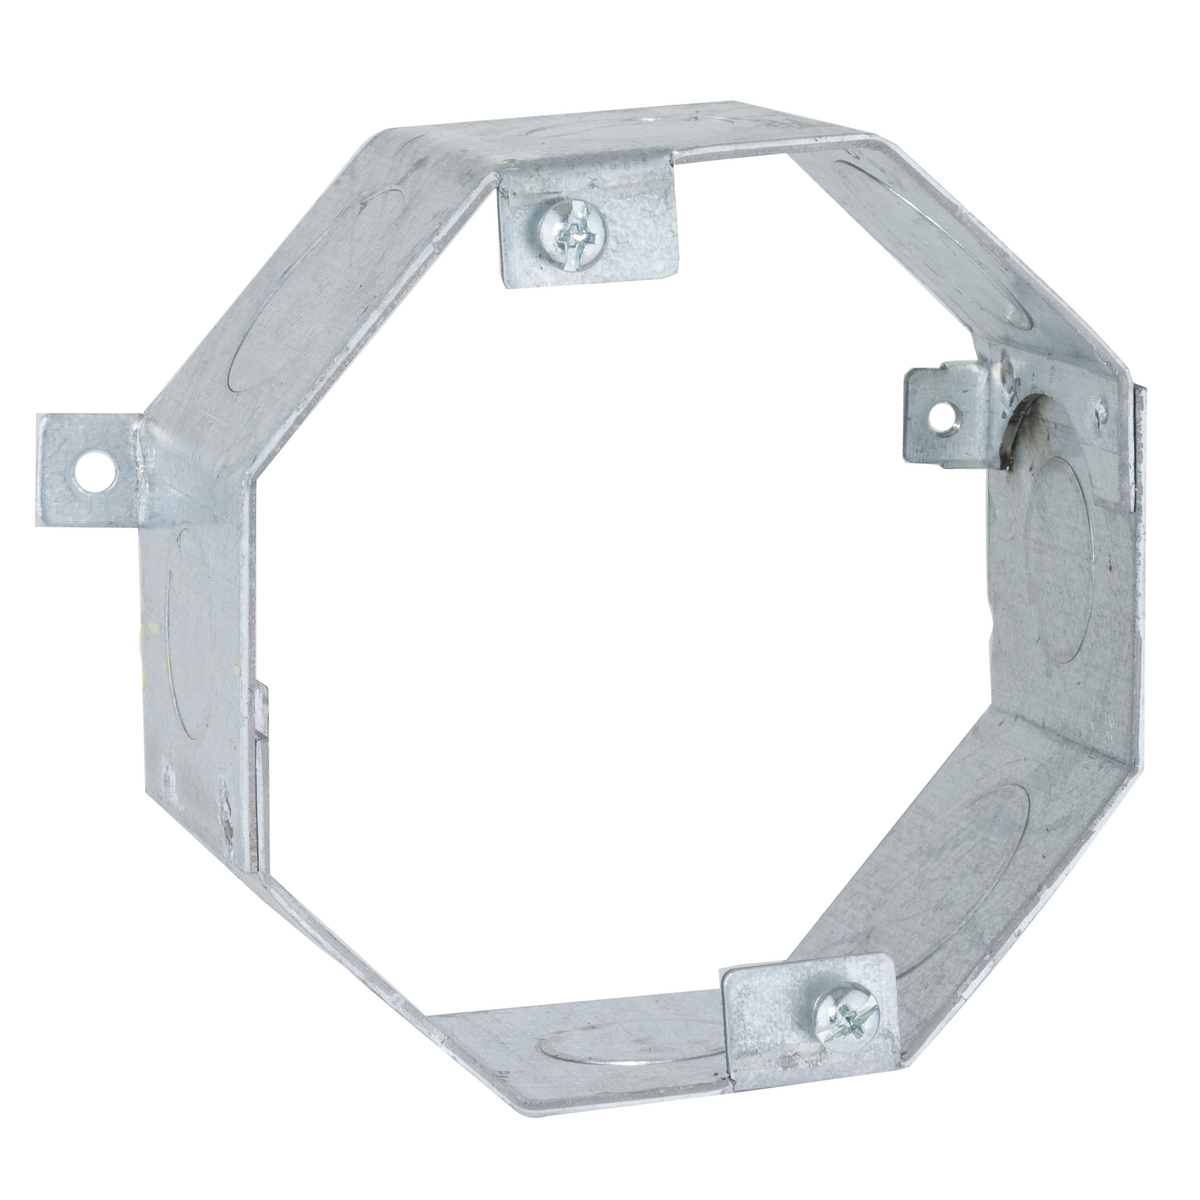 RAC 270RAC CNCRT RING 2DP 1/2-3/4KO SR